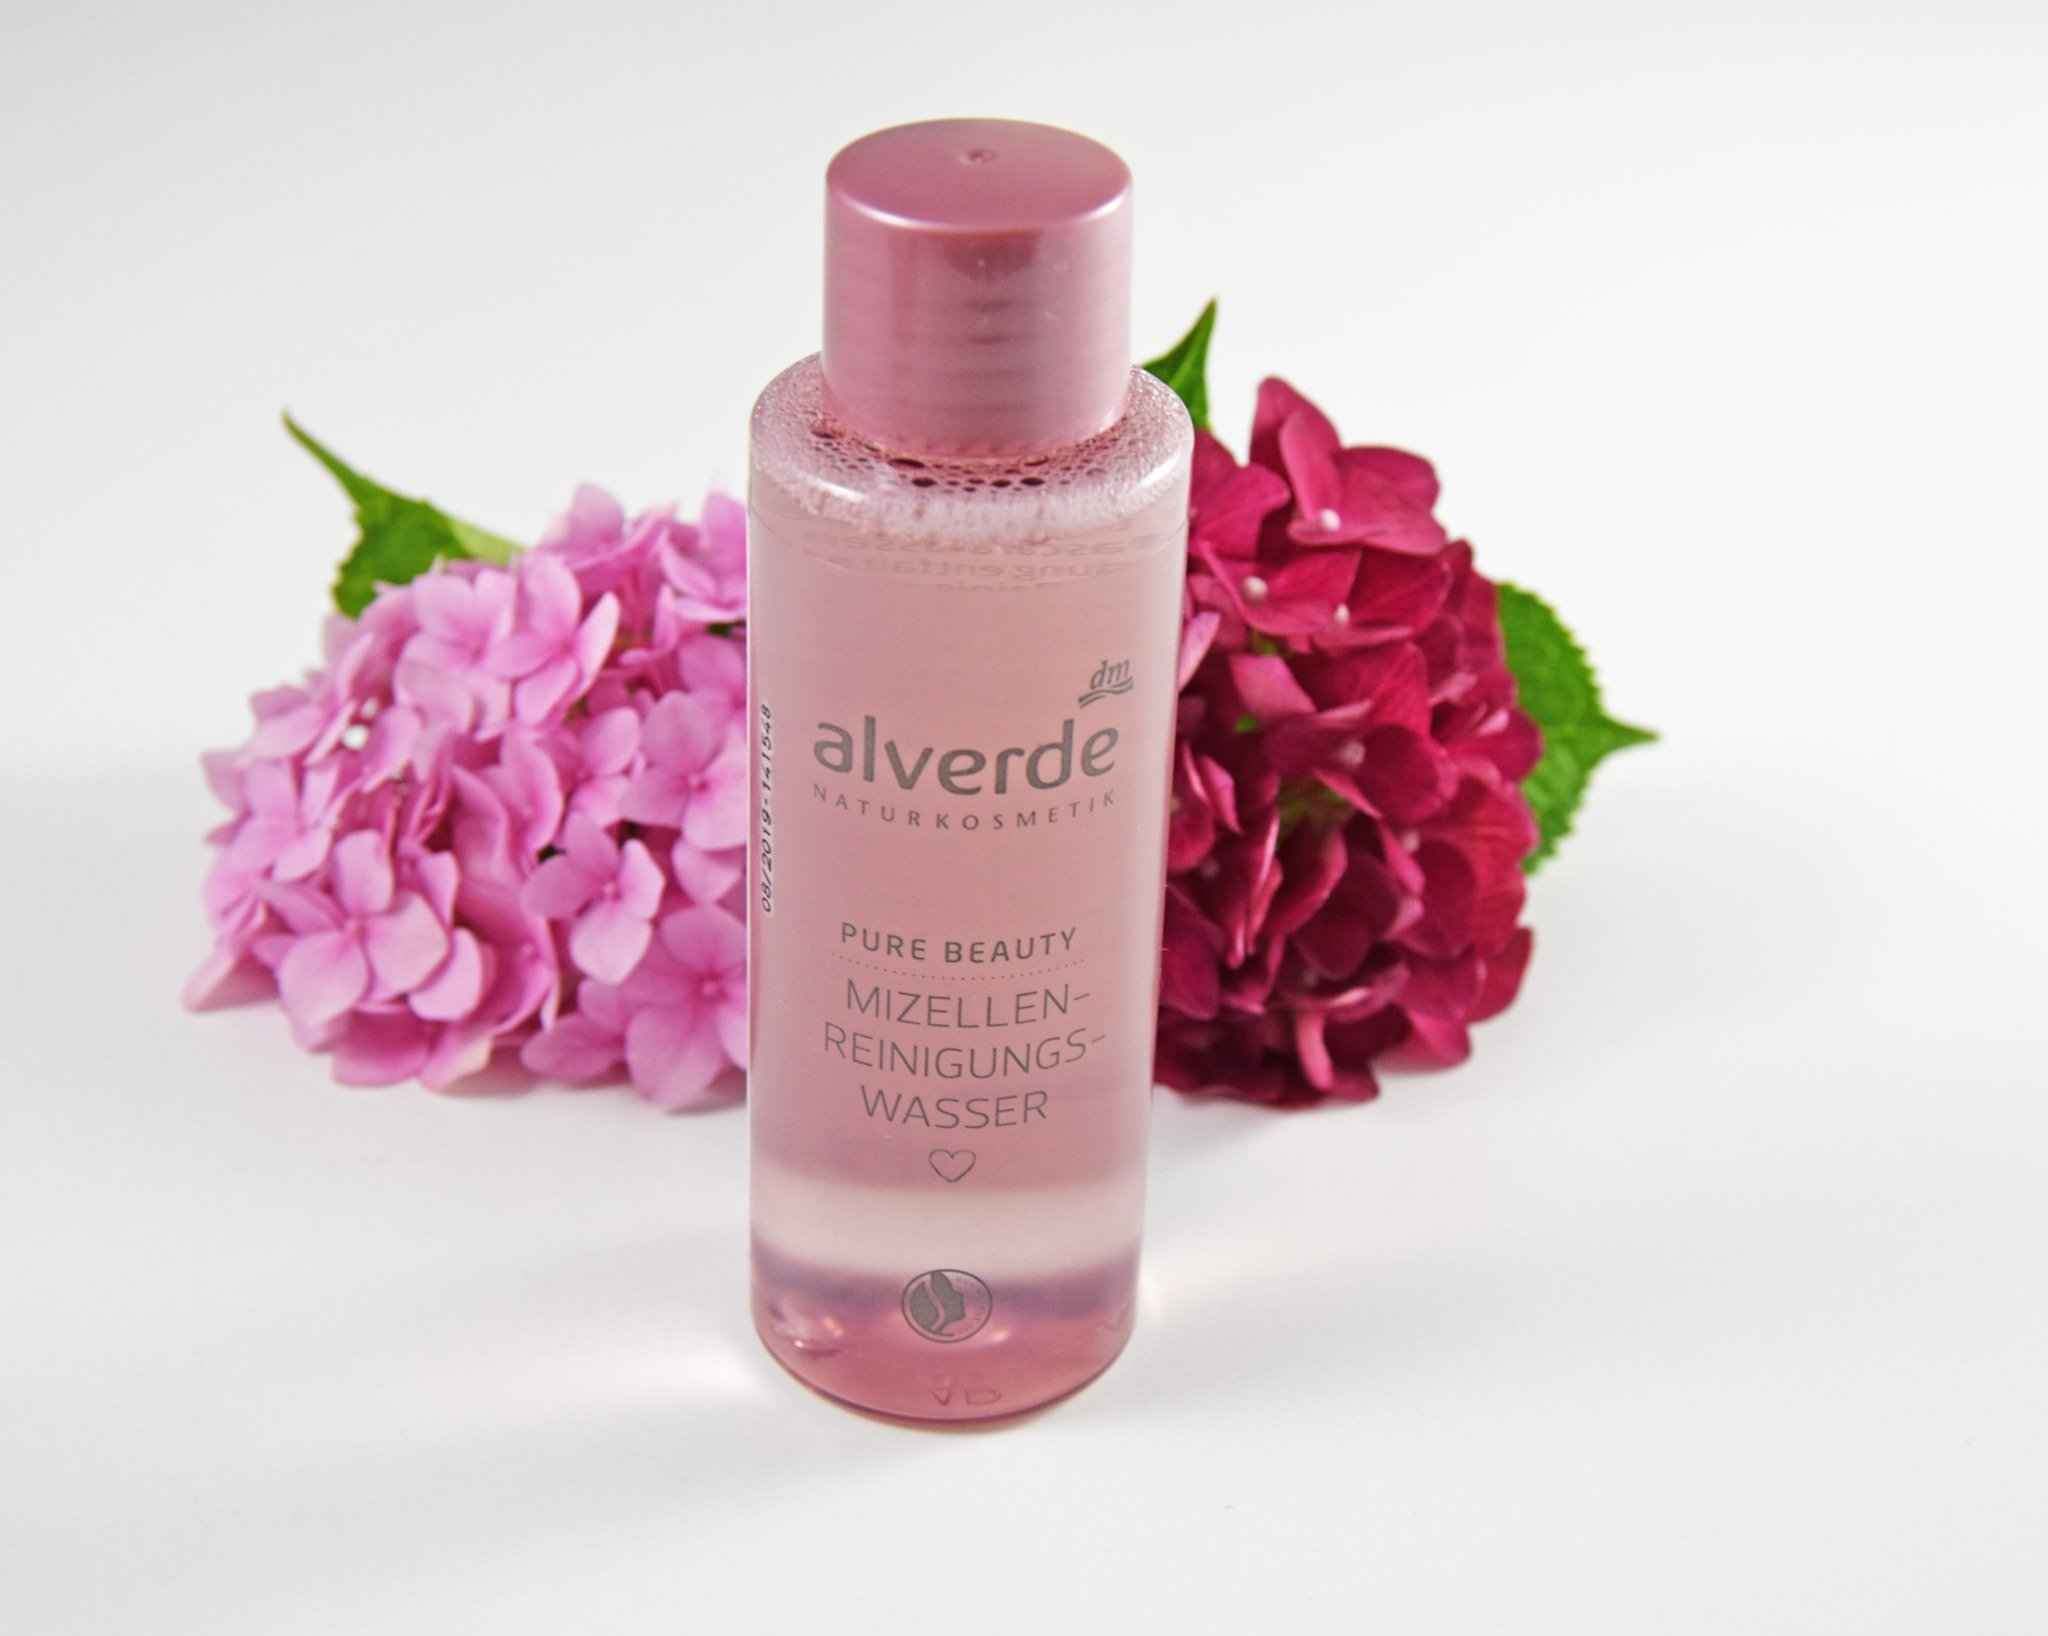 Alverde - Pure Beauty Mizellenreinigungswasser